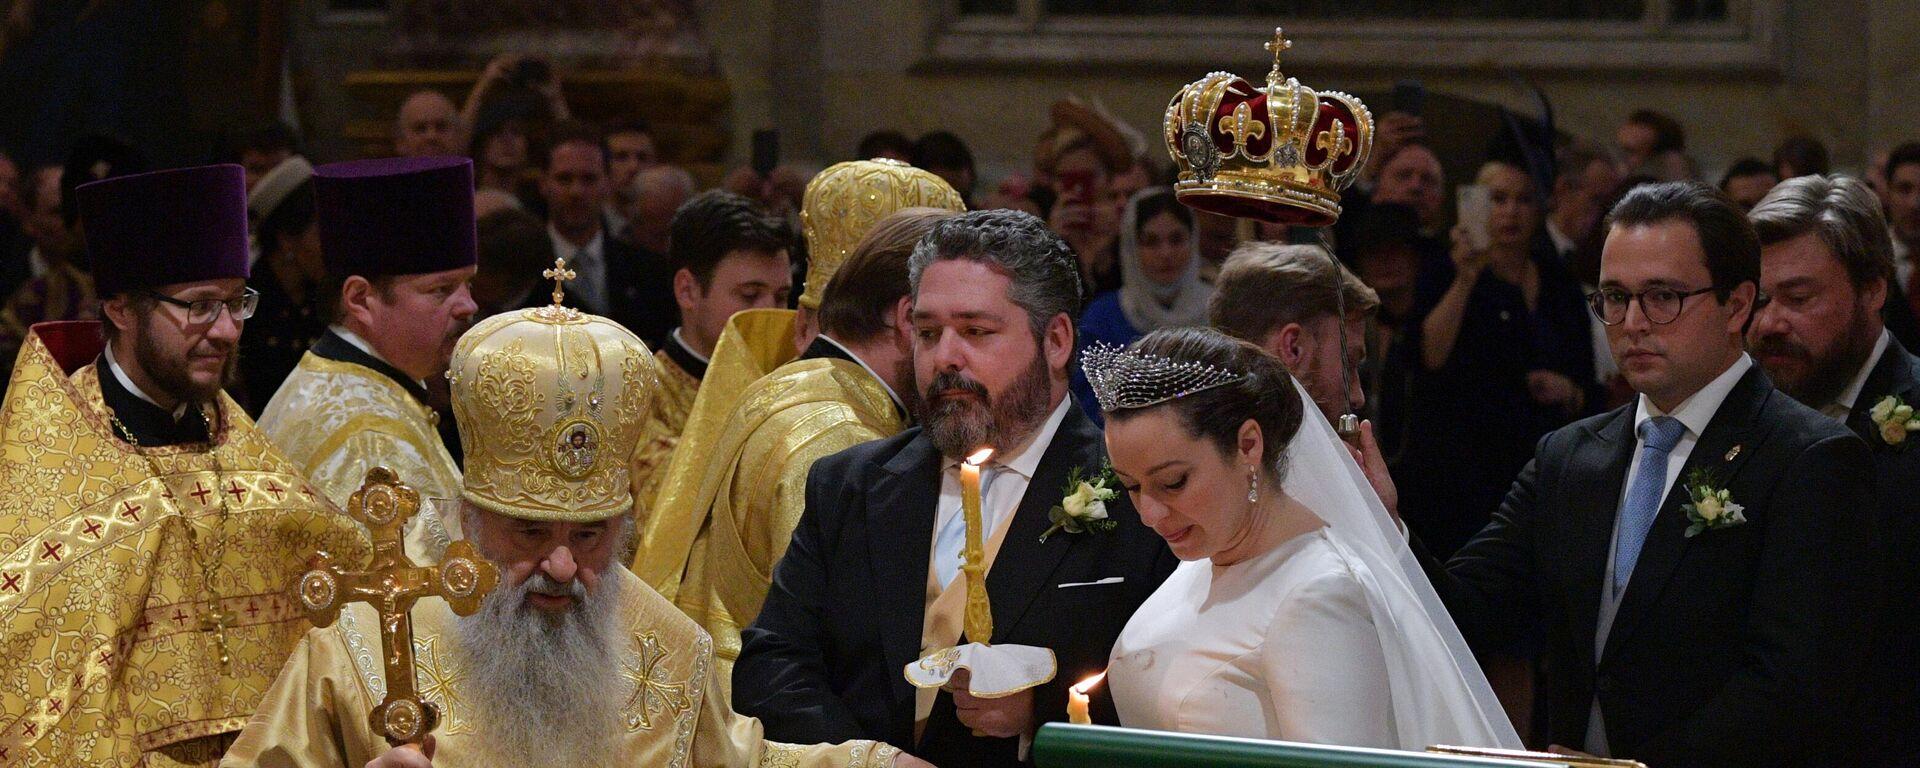 Ο γάμος του Μέγα Δούκα Γεωργίου Μιχαήλοβιτς Ρομανόφ με την Βικτόρια Ρομανόβνα Μπεταρίνι - Sputnik Ελλάδα, 1920, 01.10.2021